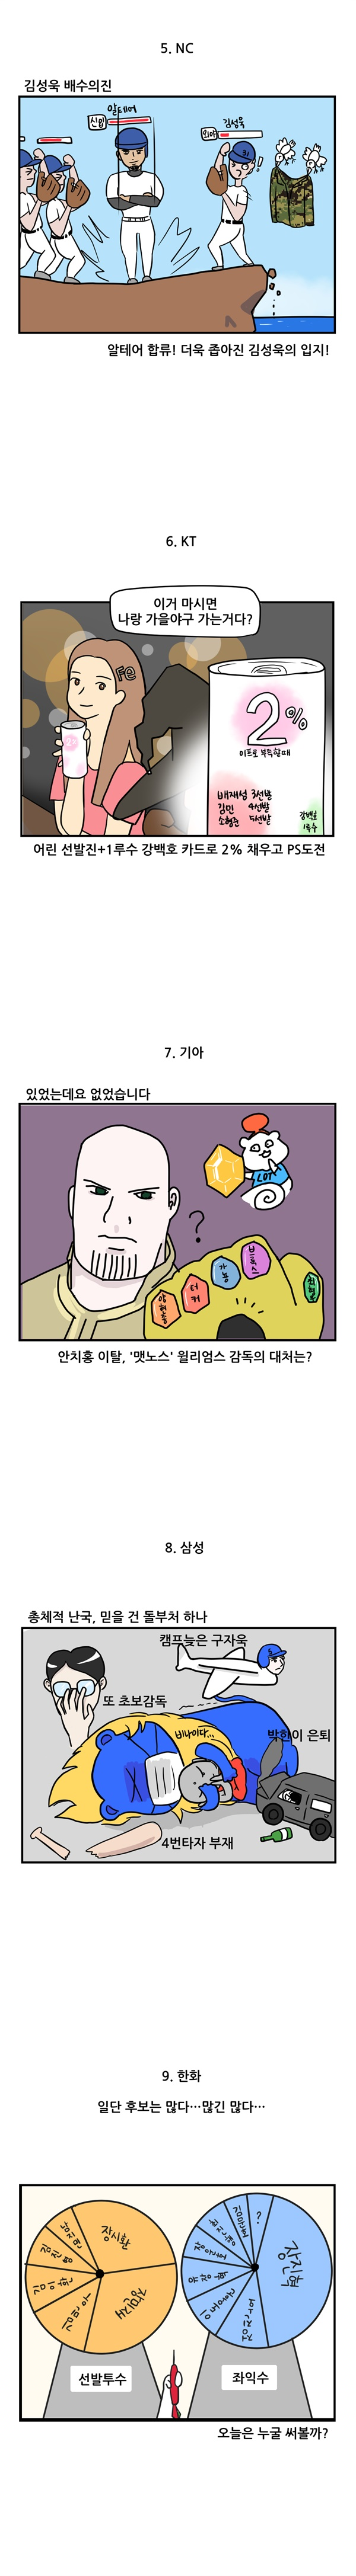 2 [햄런] KBO 2020 시즌 미리보기